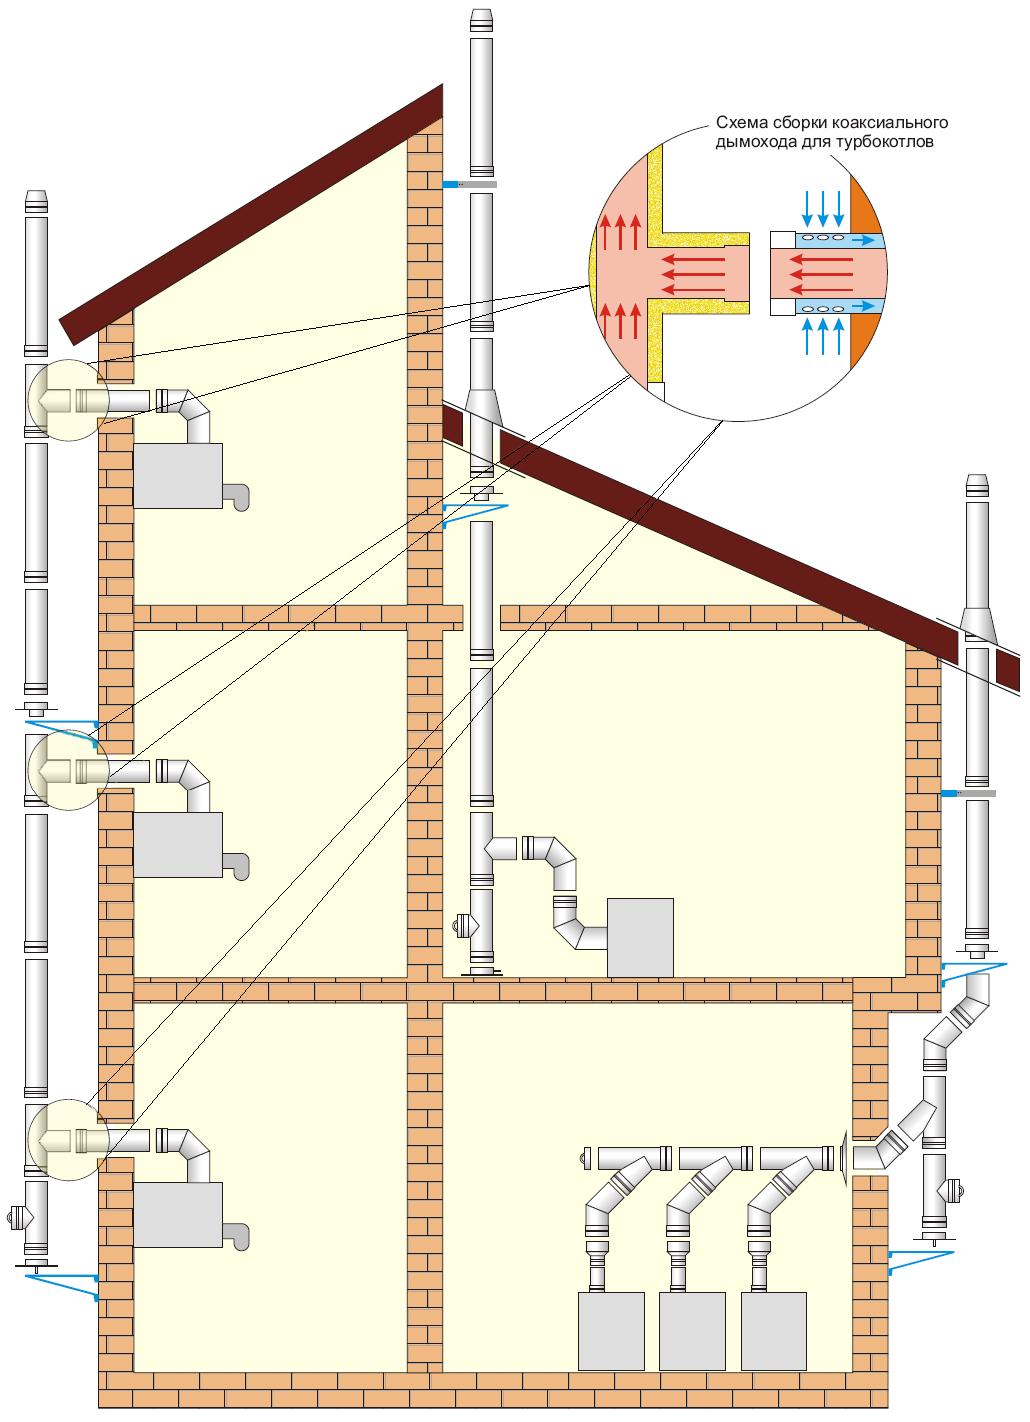 схема коаксиального дымохода для турбокотлов